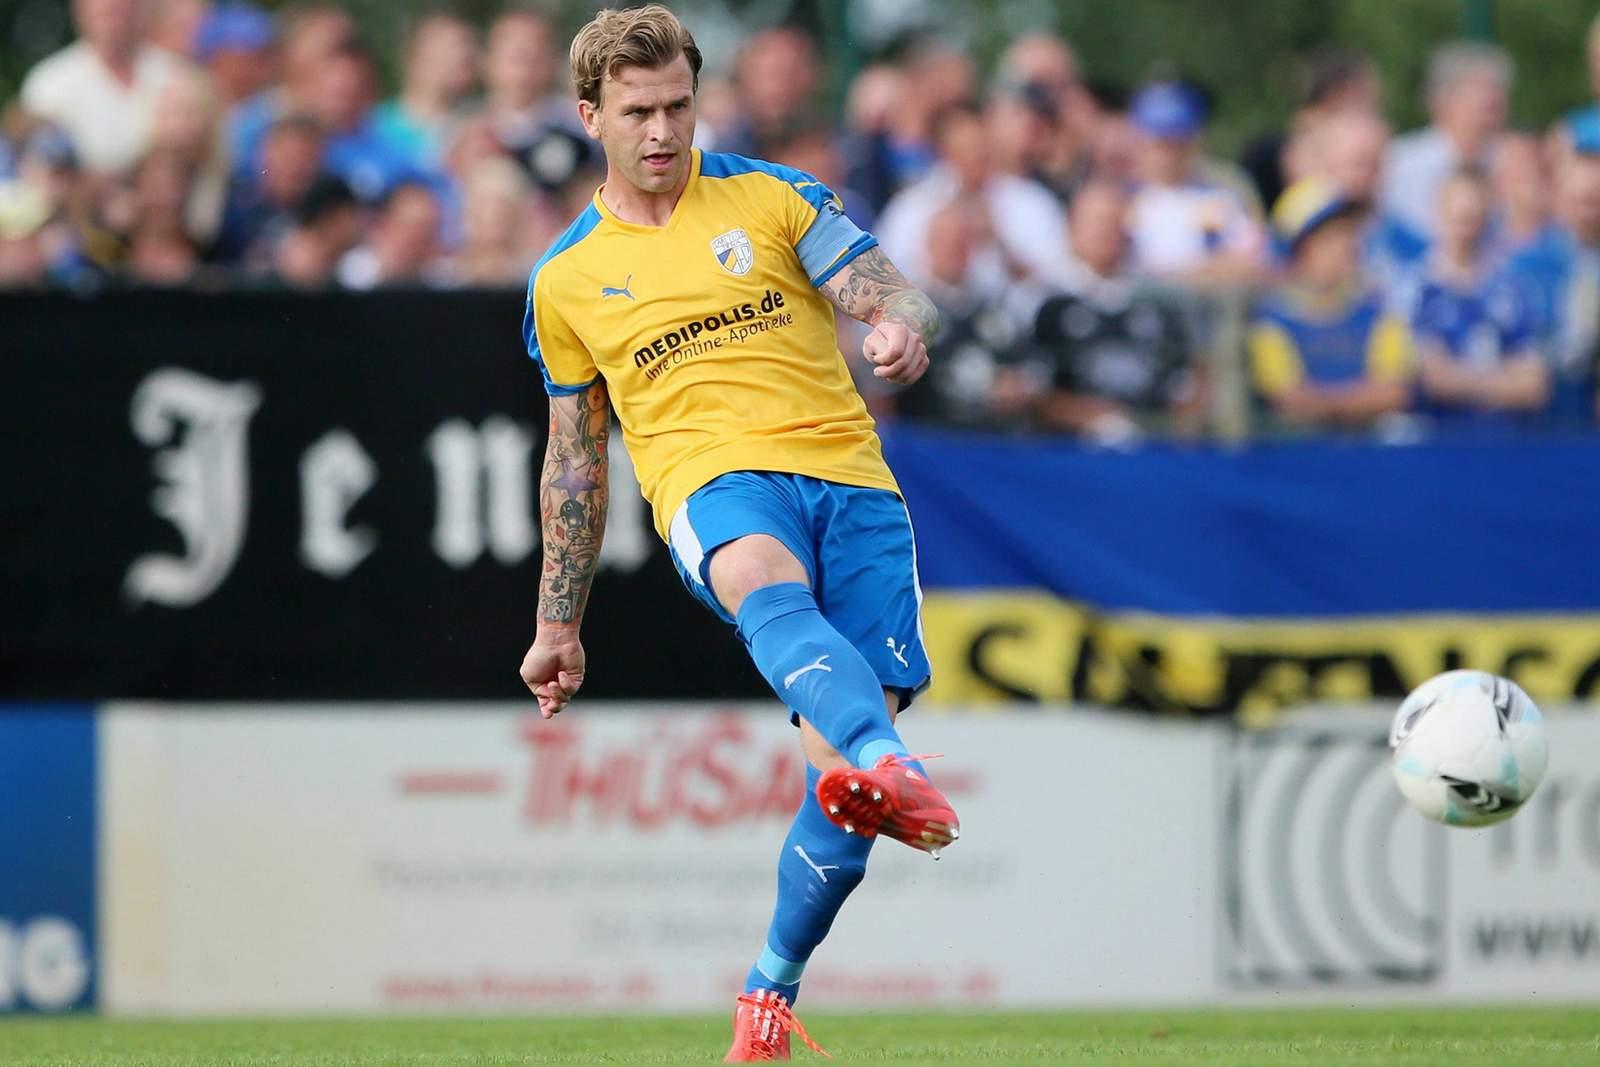 René Klingbeil vom FC Carl Zeiss Jena beim Spielaufbau